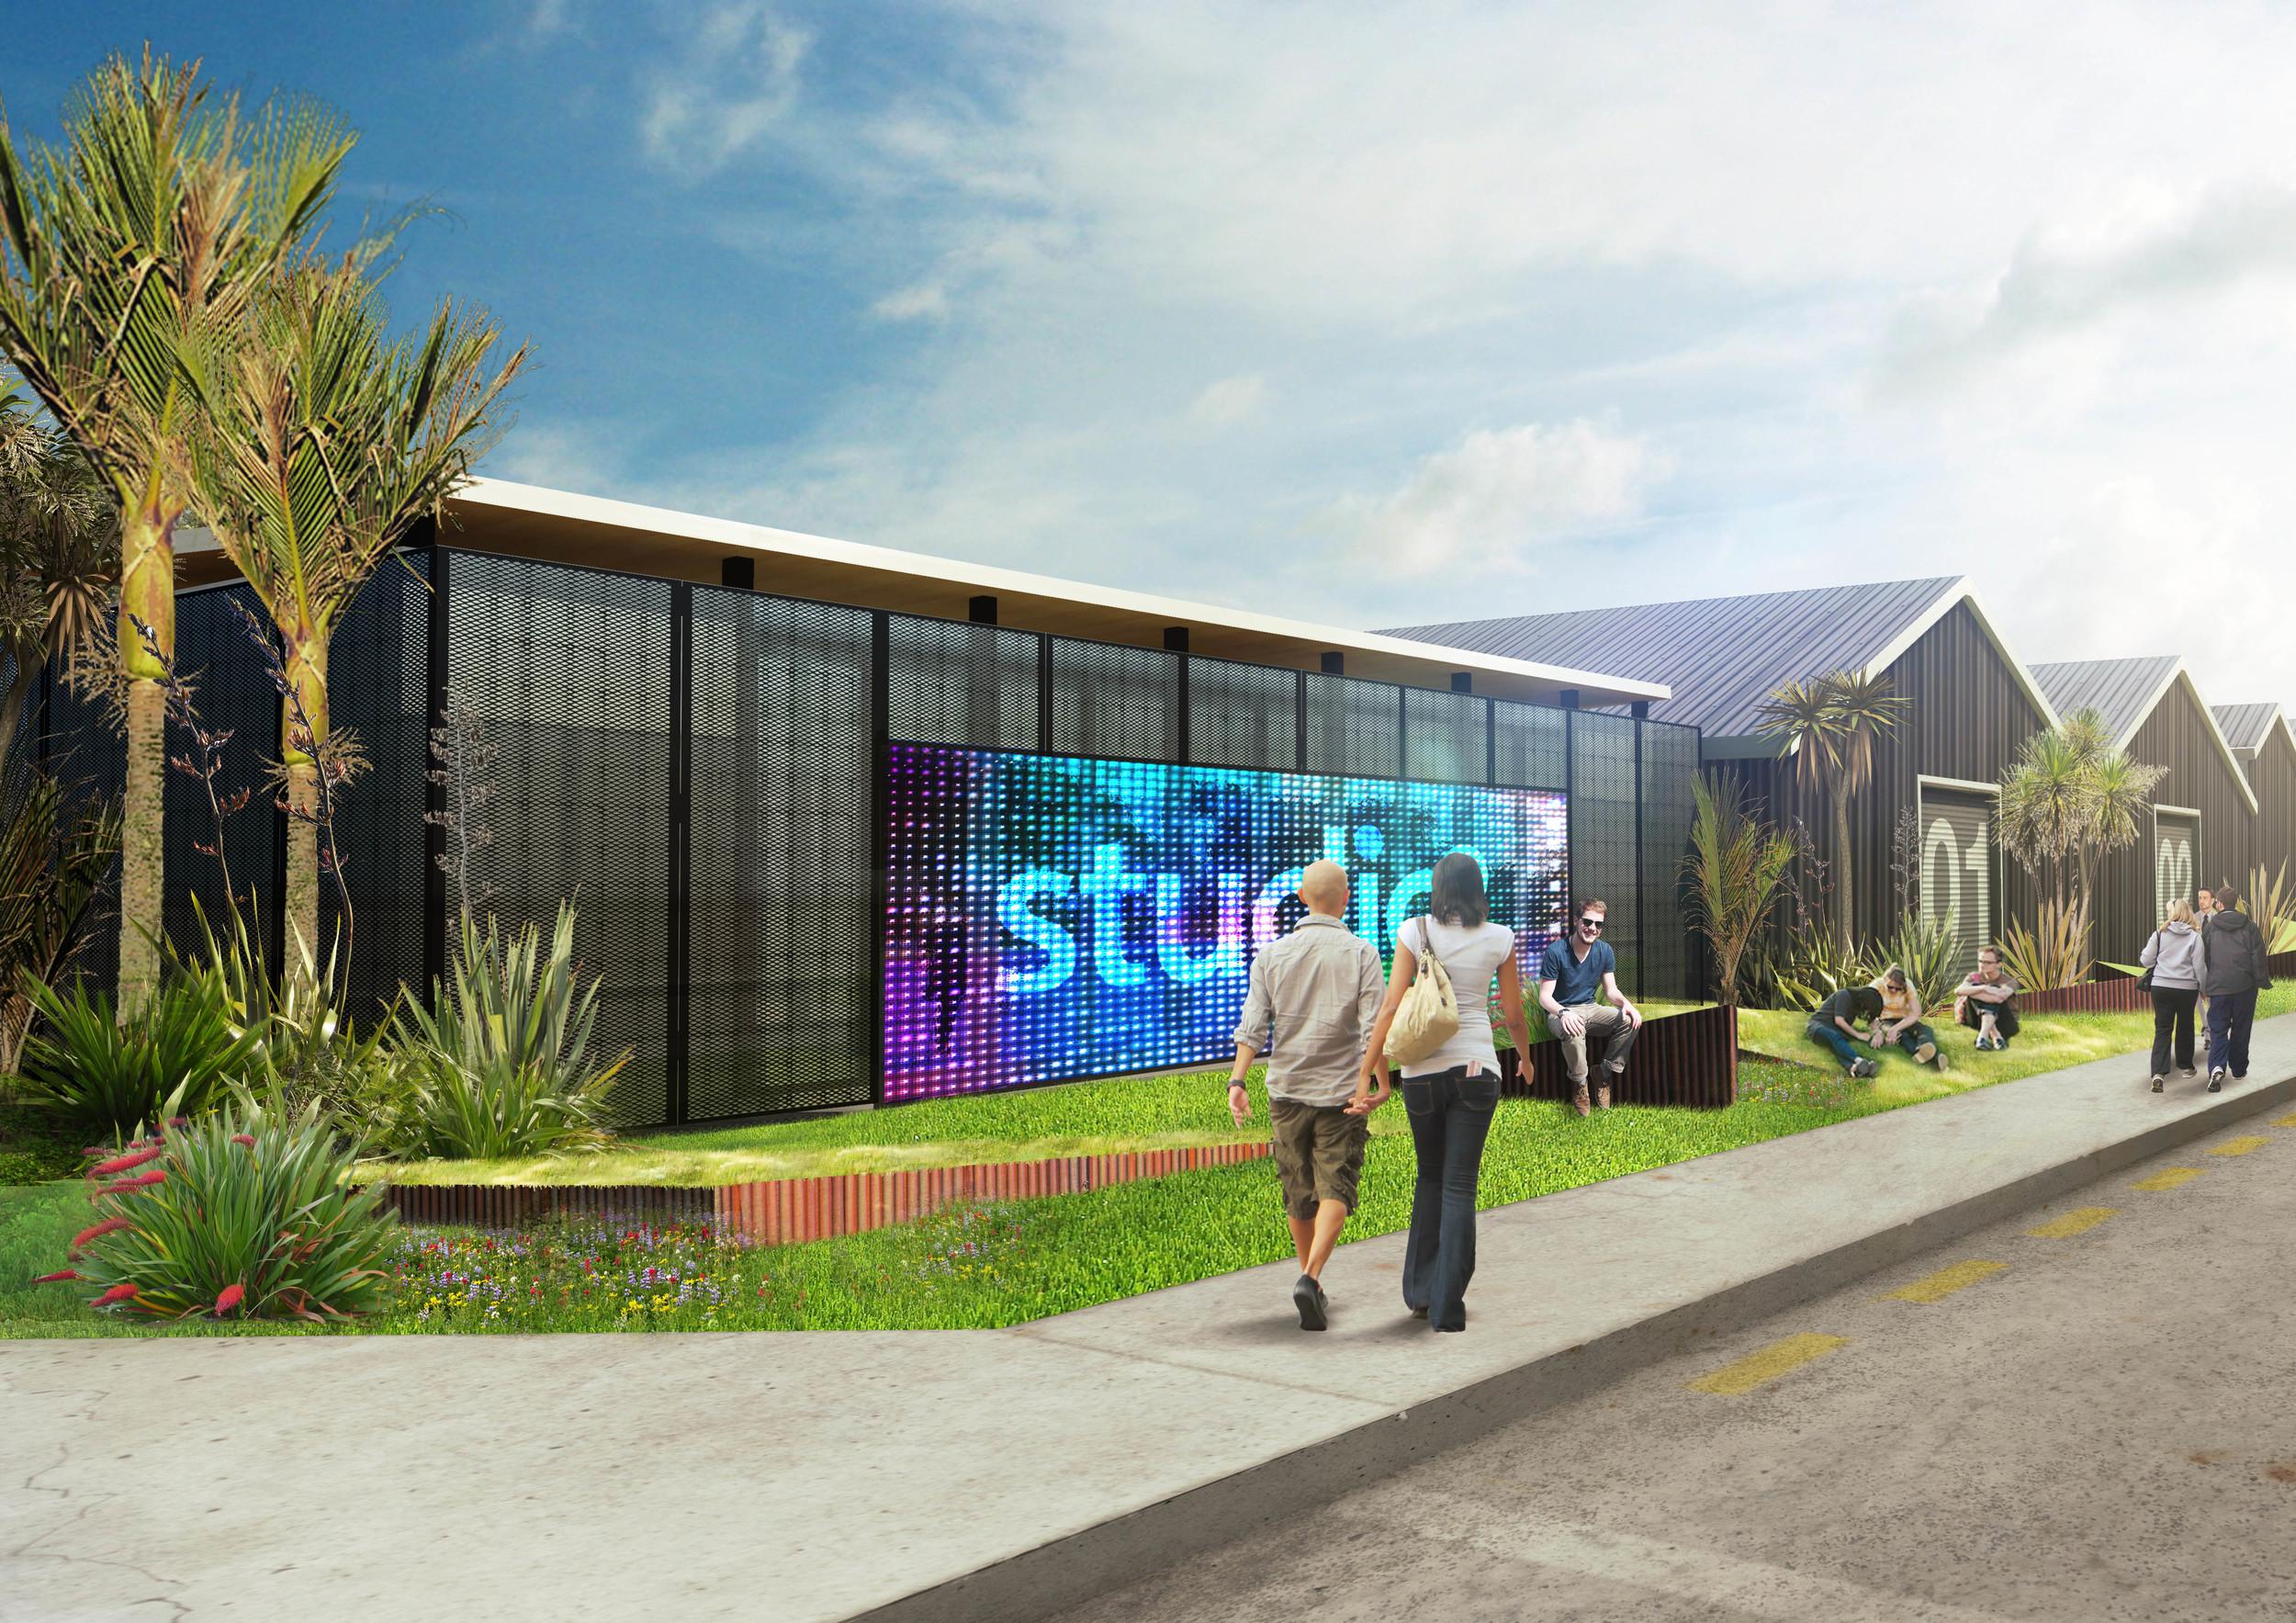 Studio8_Streetview_v2.jpg.jpeg